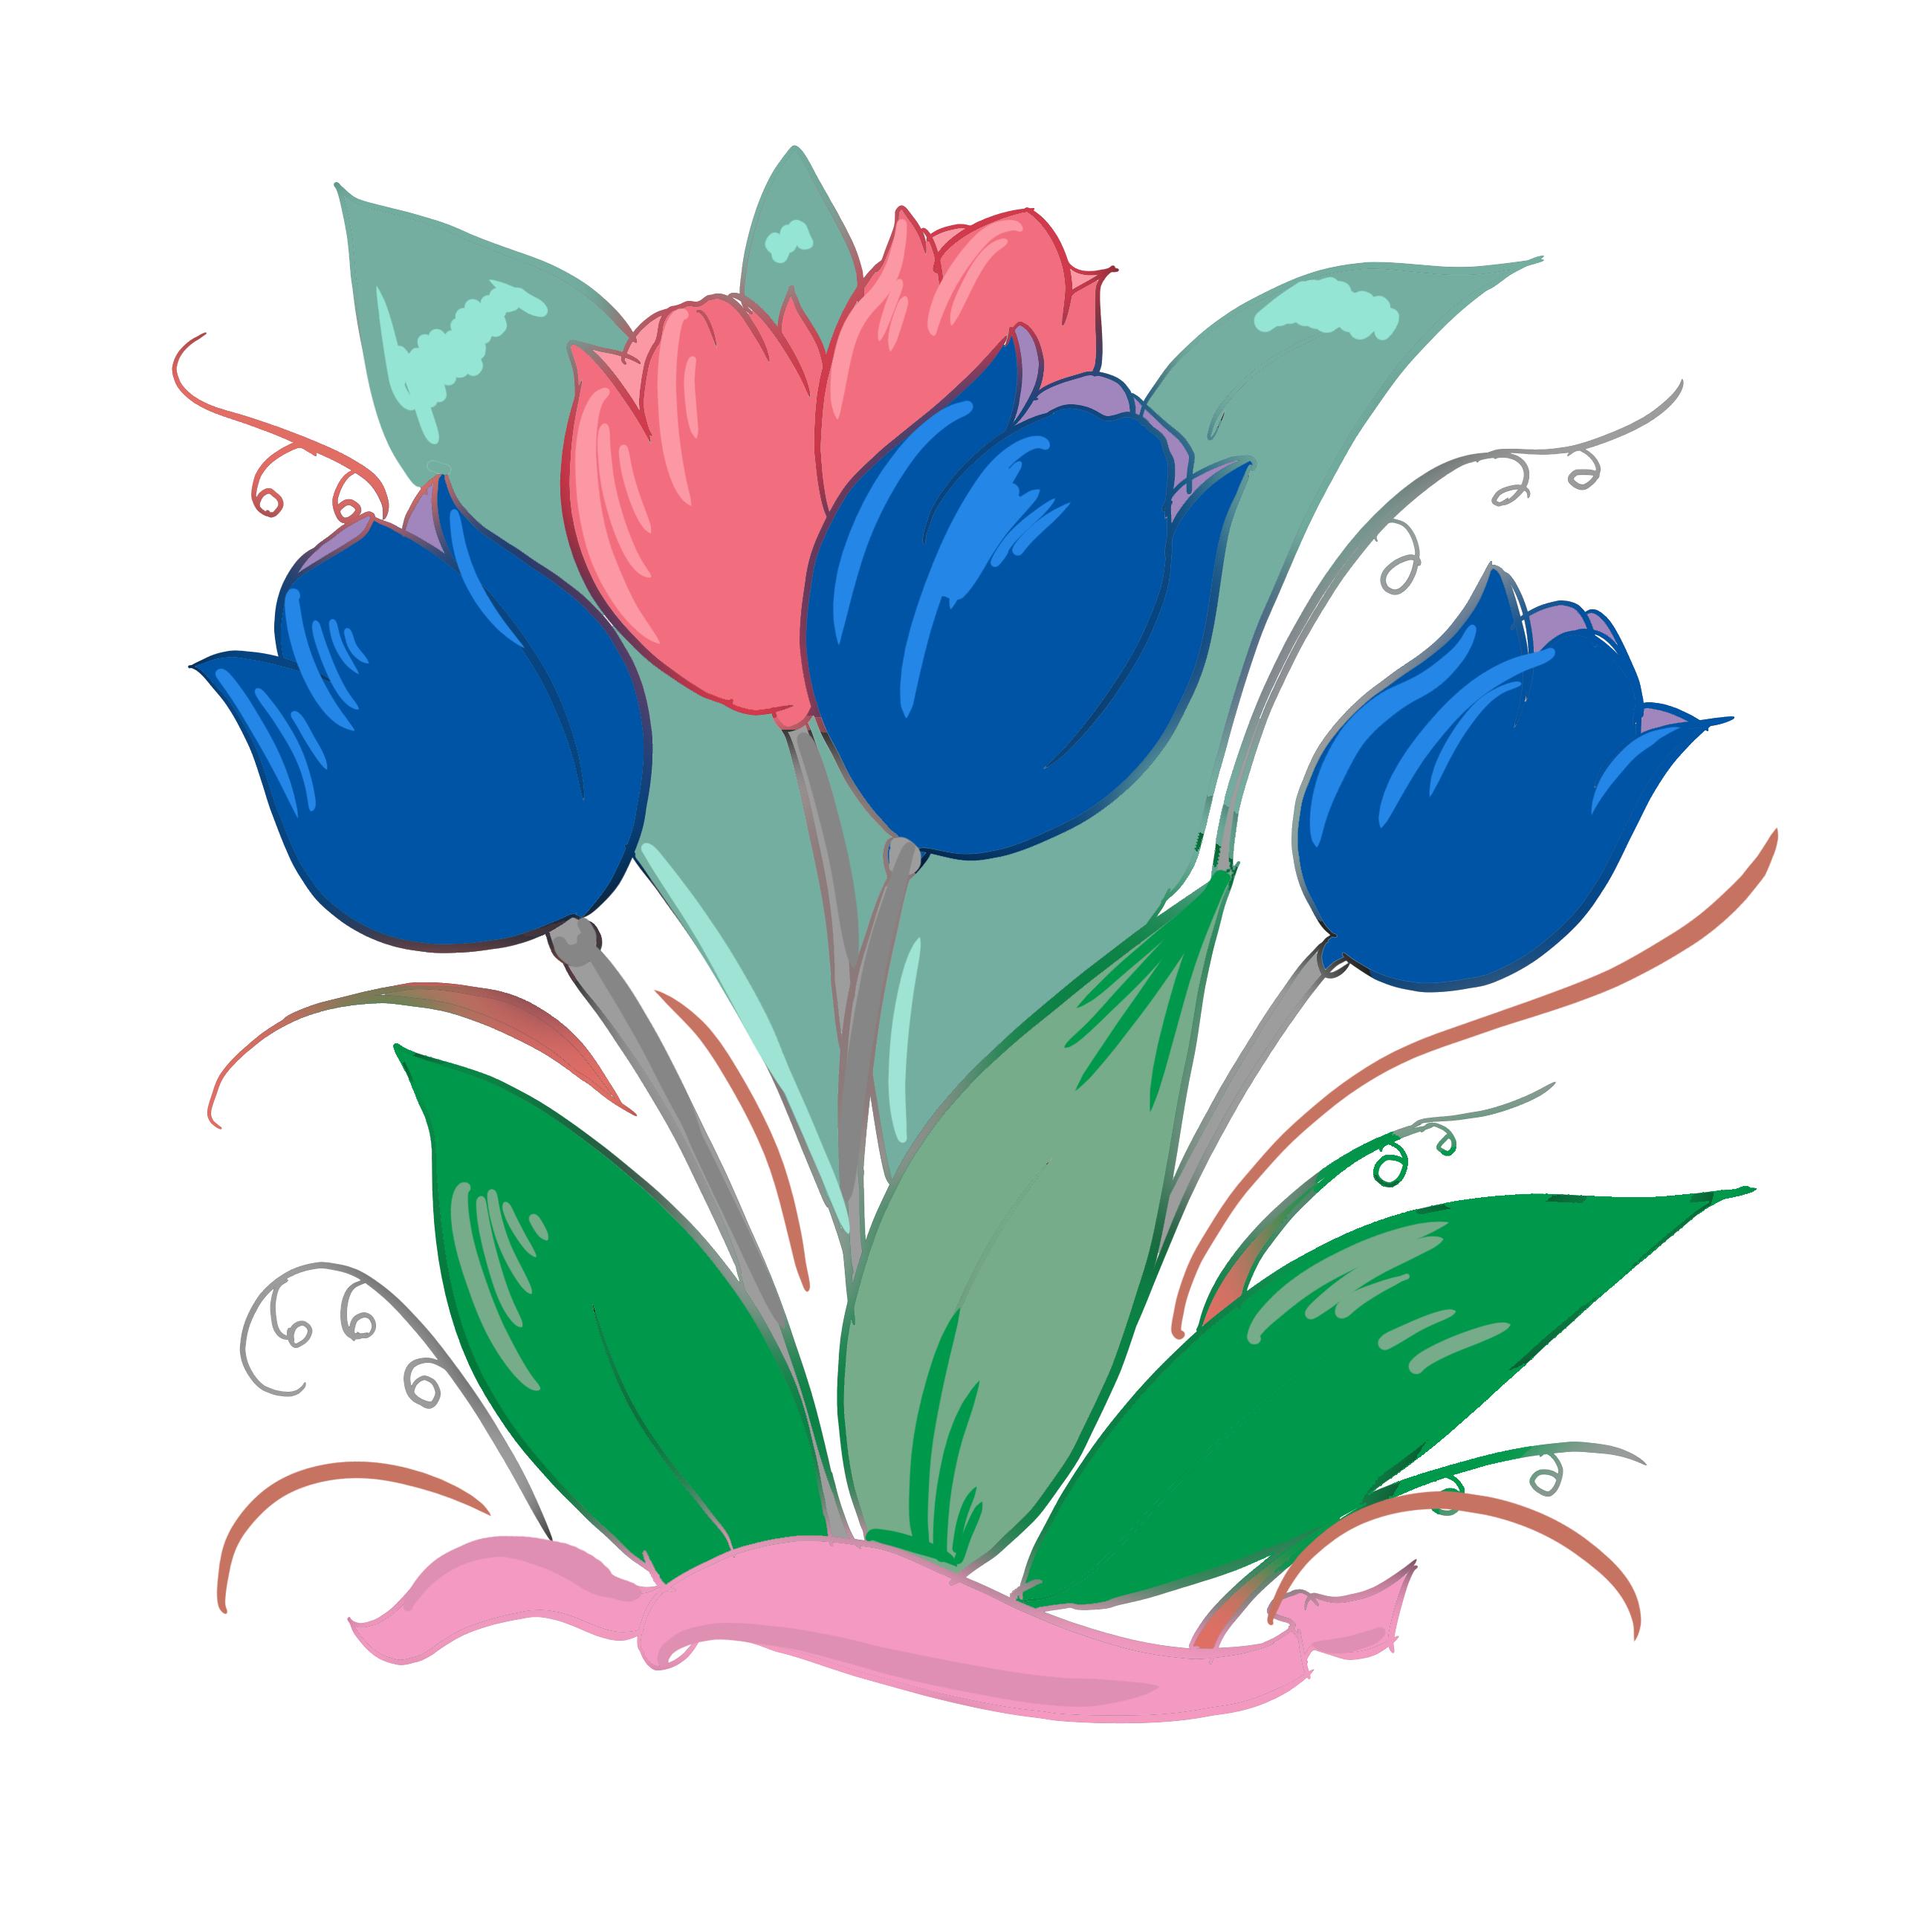 2600x2600 Blumen Bilder, Cliparts, Gifs, Illustrationen, Grafiken Kostenlos